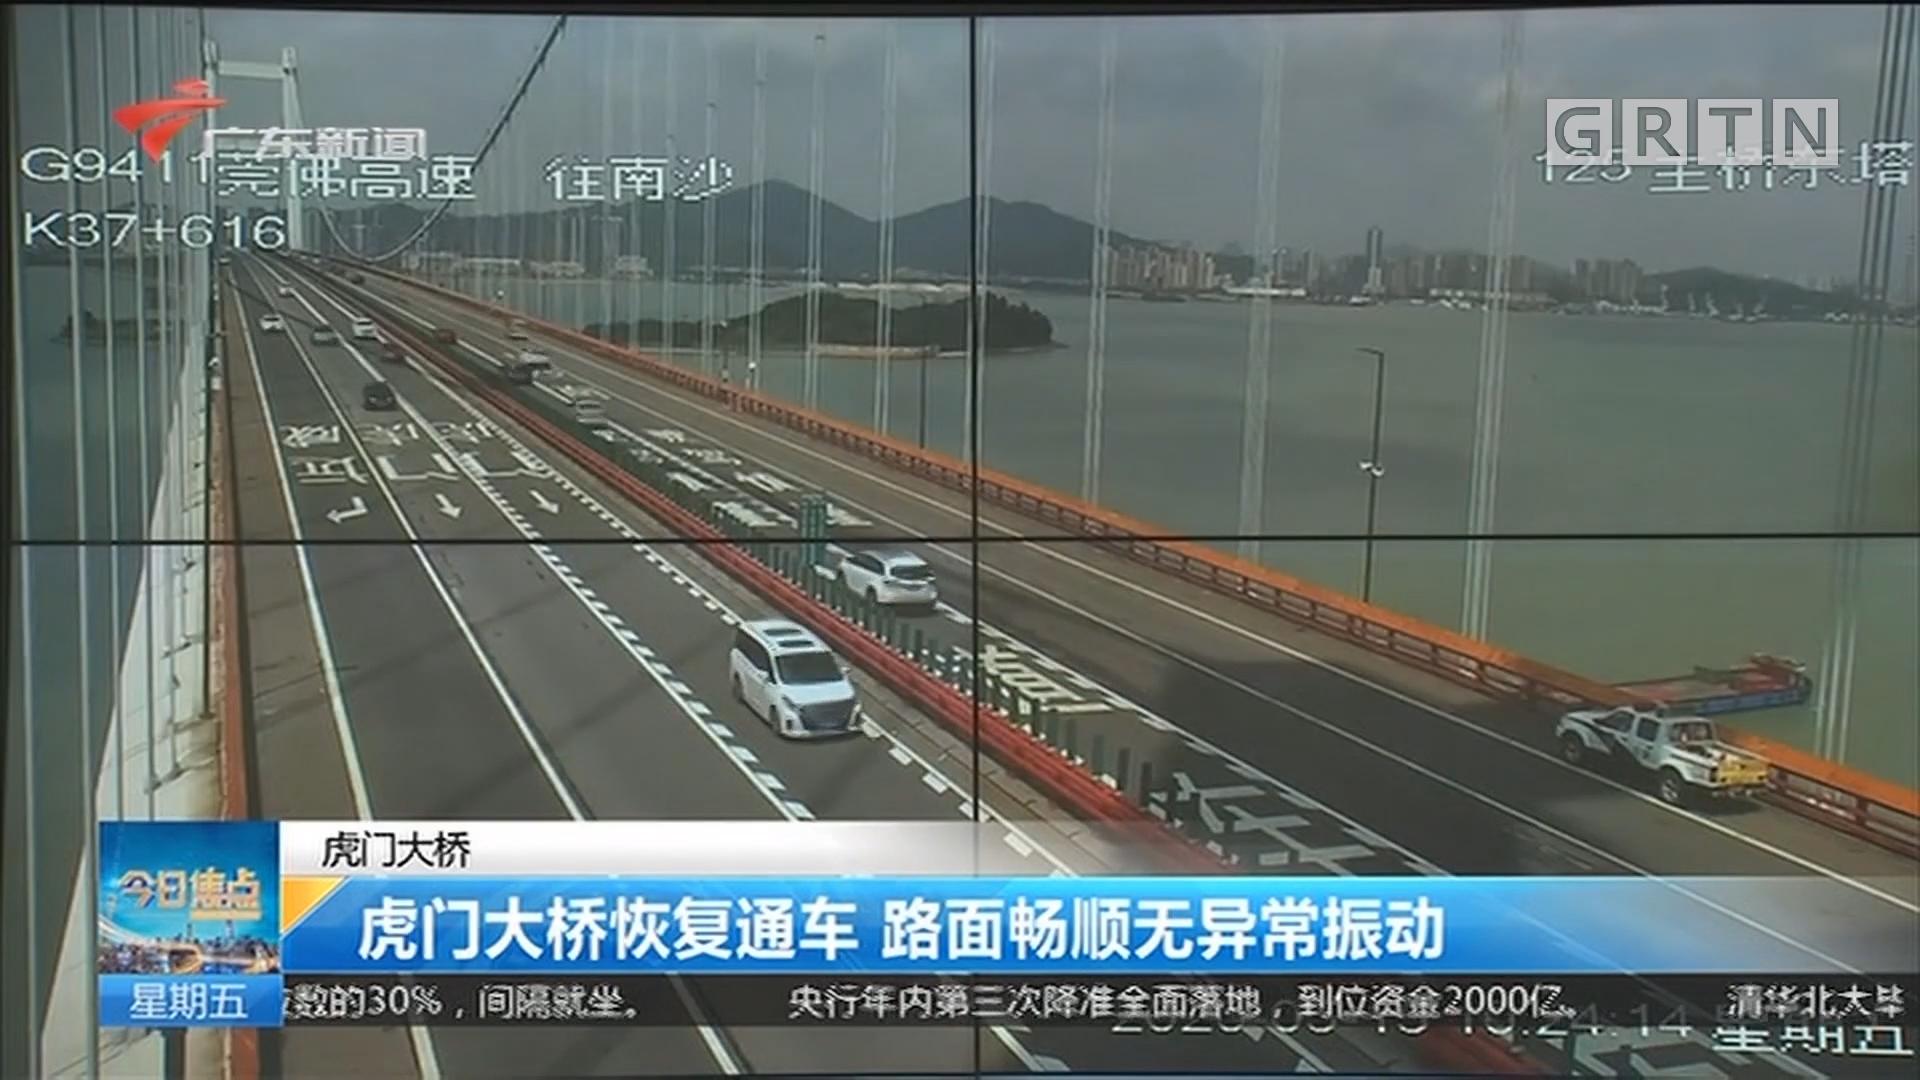 虎门大桥:虎门大桥恢复通车 路面畅顺无异常振动